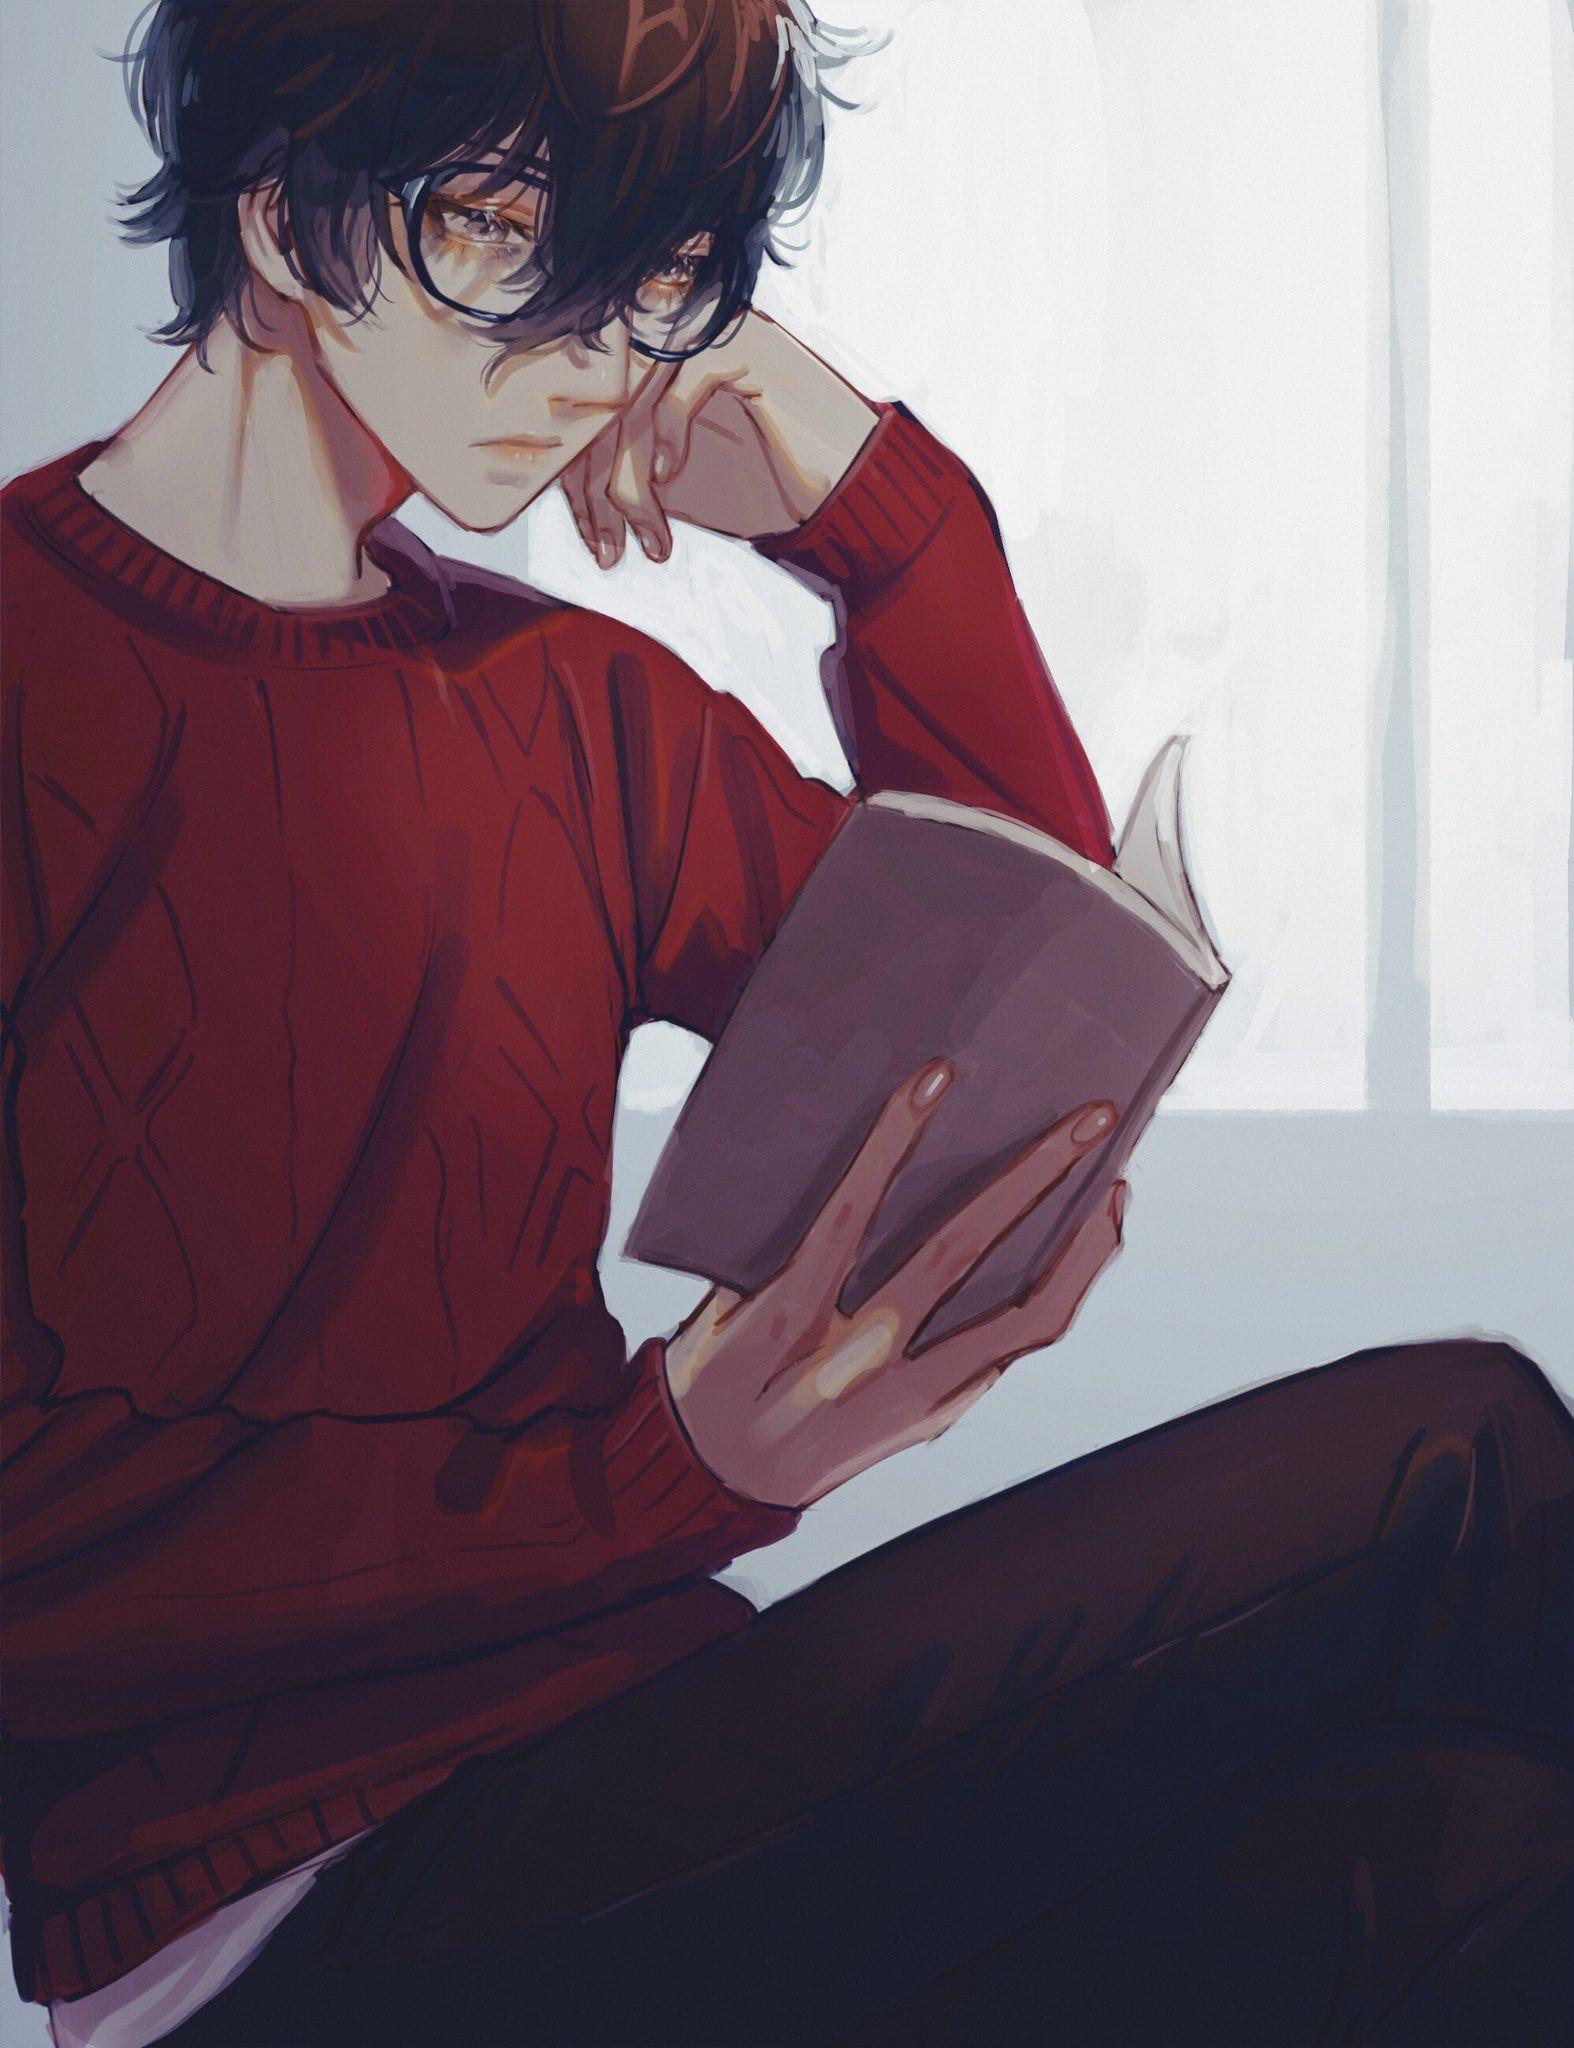 Pin By Shaii Again On Boy Art Cute Anime Guys Cute Anime Boy Anime Drawings Boy